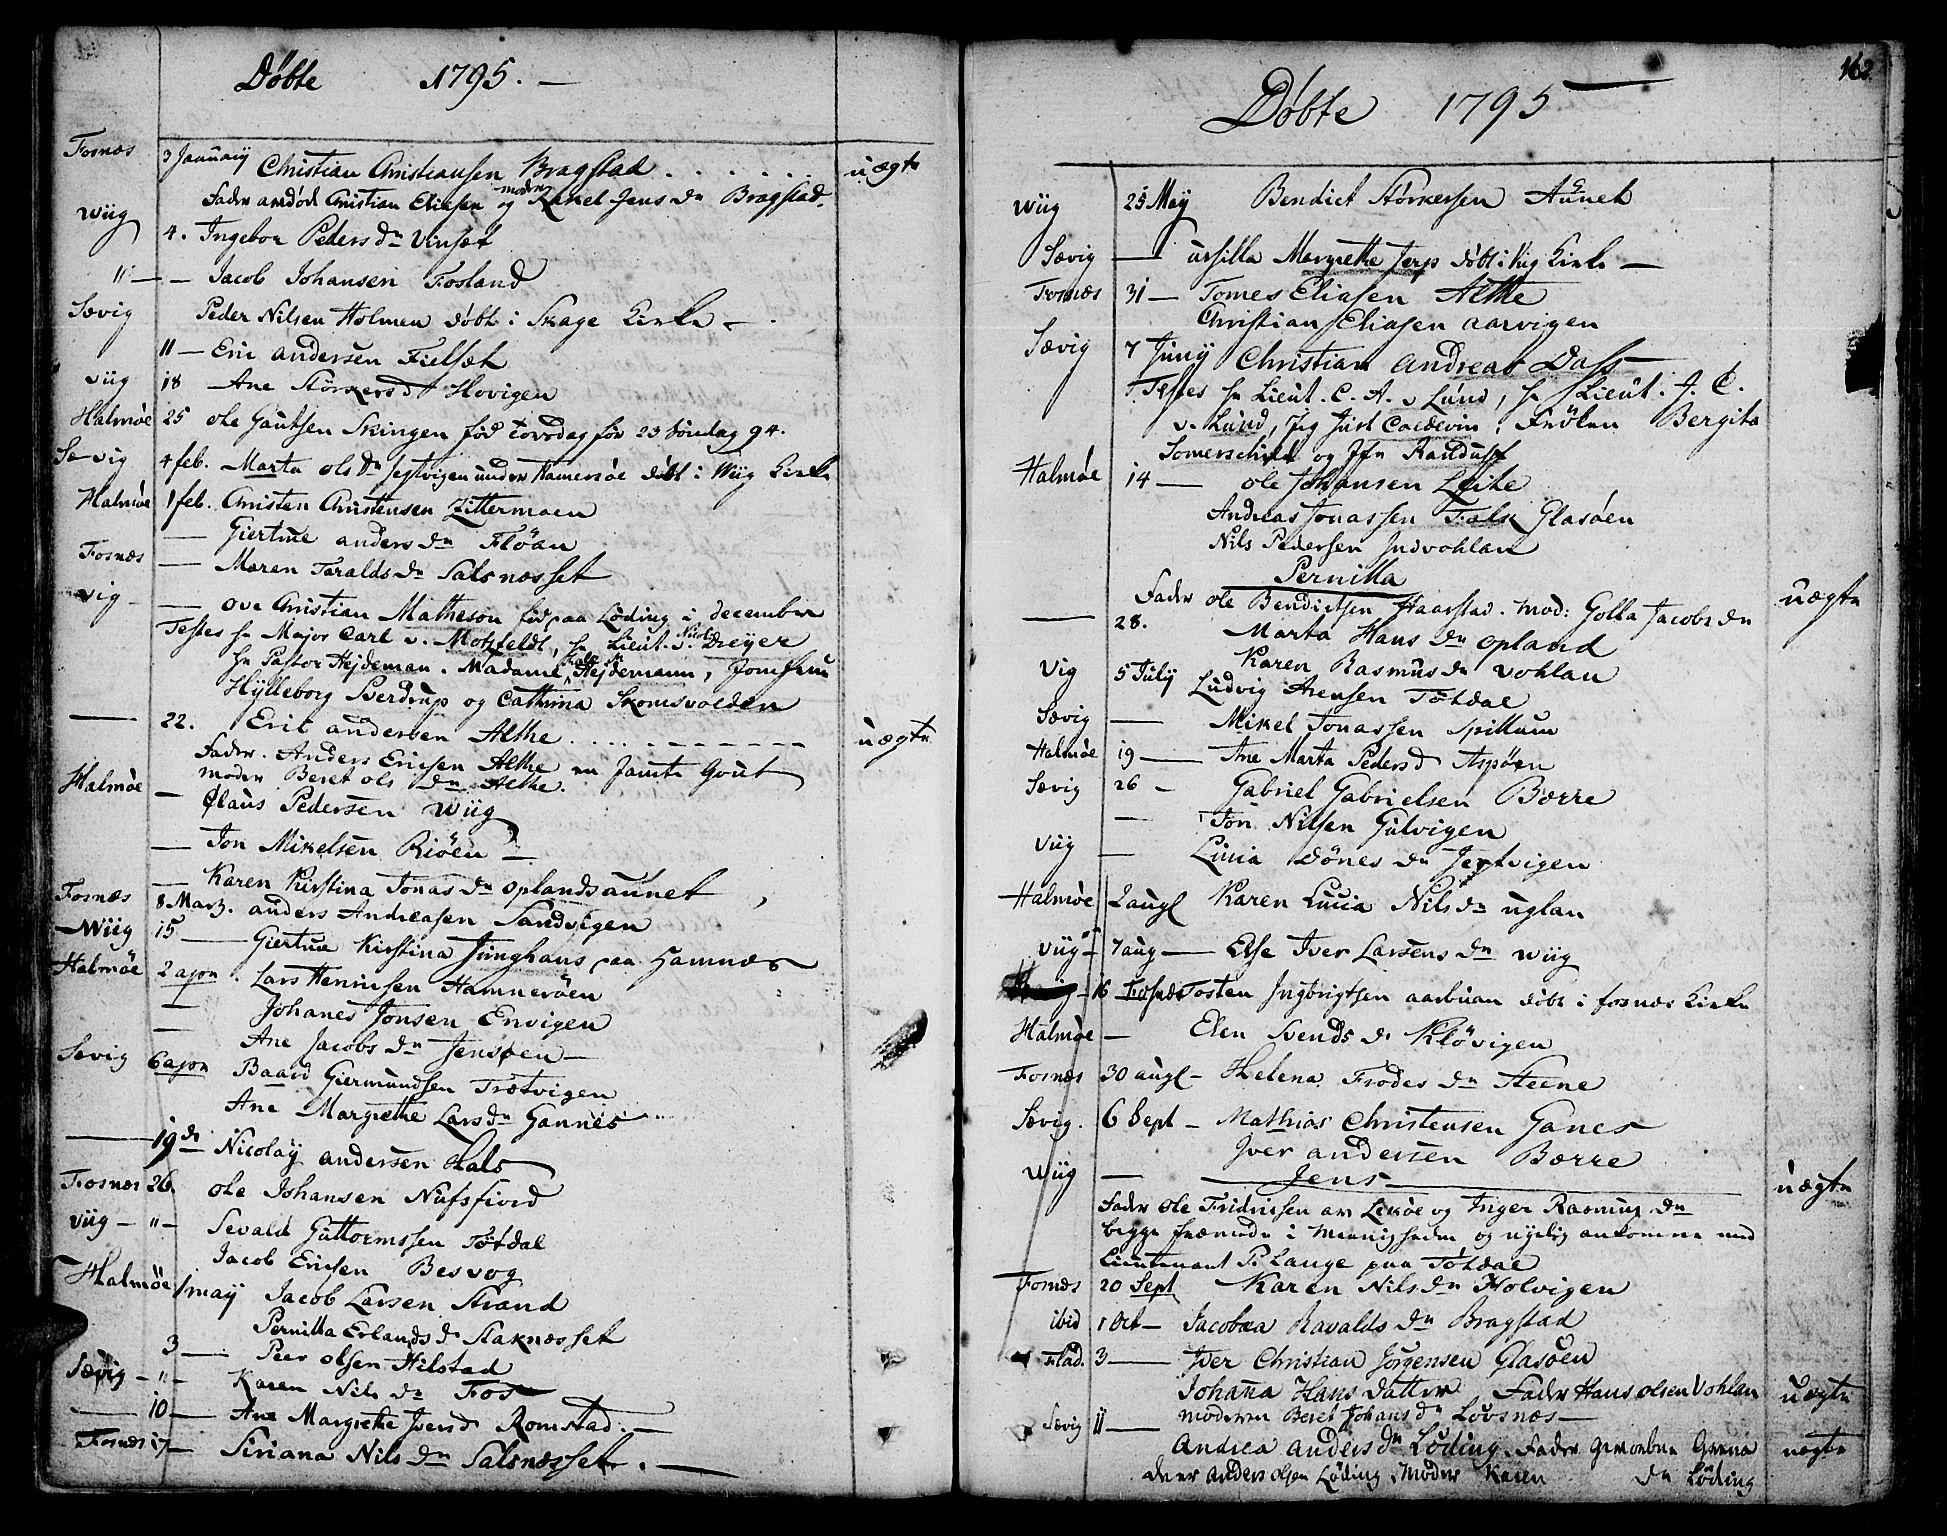 SAT, Ministerialprotokoller, klokkerbøker og fødselsregistre - Nord-Trøndelag, 773/L0608: Ministerialbok nr. 773A02, 1784-1816, s. 162